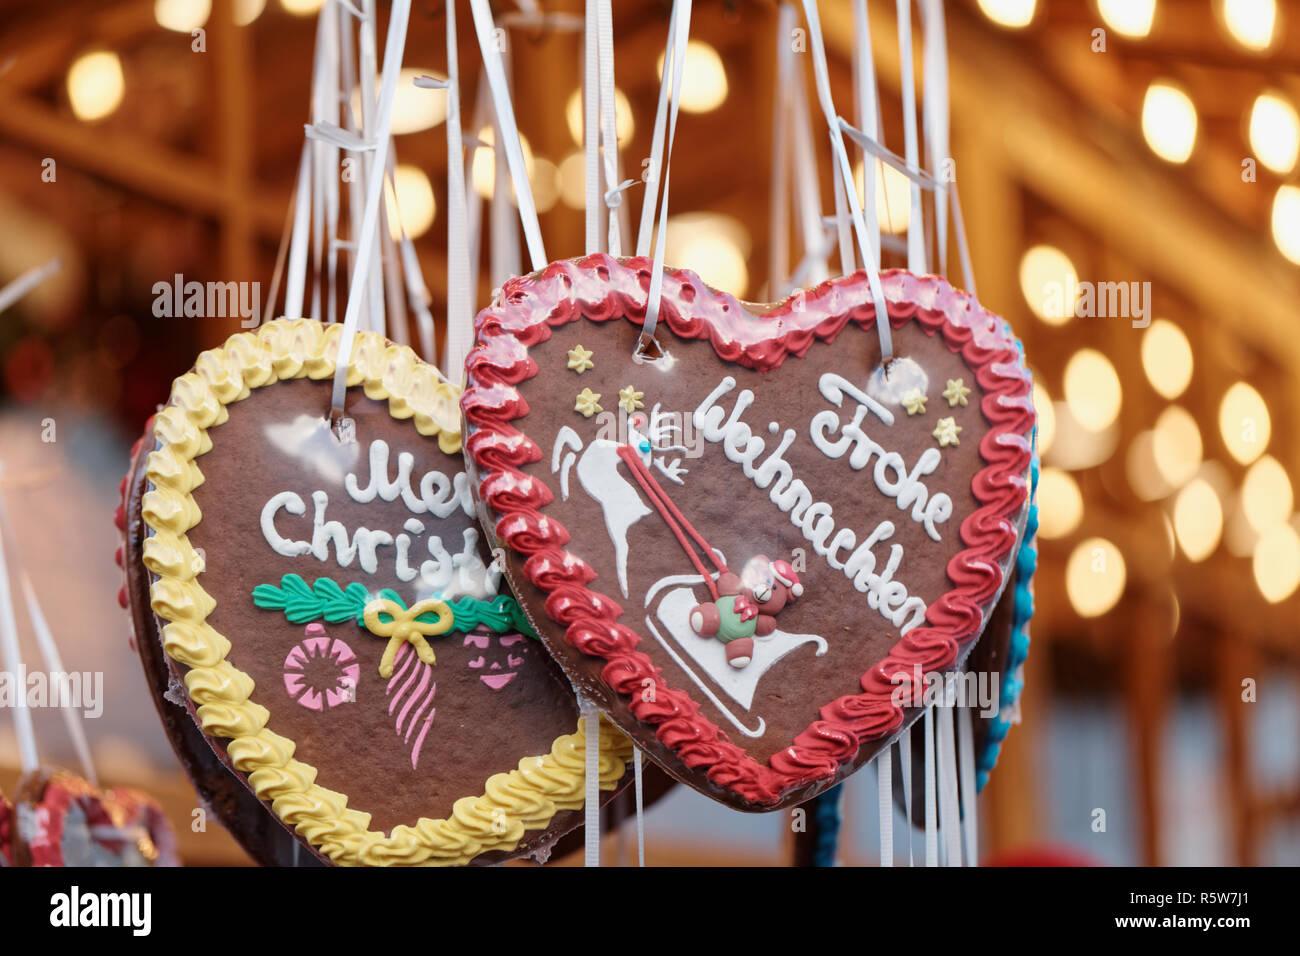 Weihnachtsmarkt Auf Englisch.Deutsche Weihnachten Lebkuchen Auf Einem Weihnachtsmarkt Mit Den